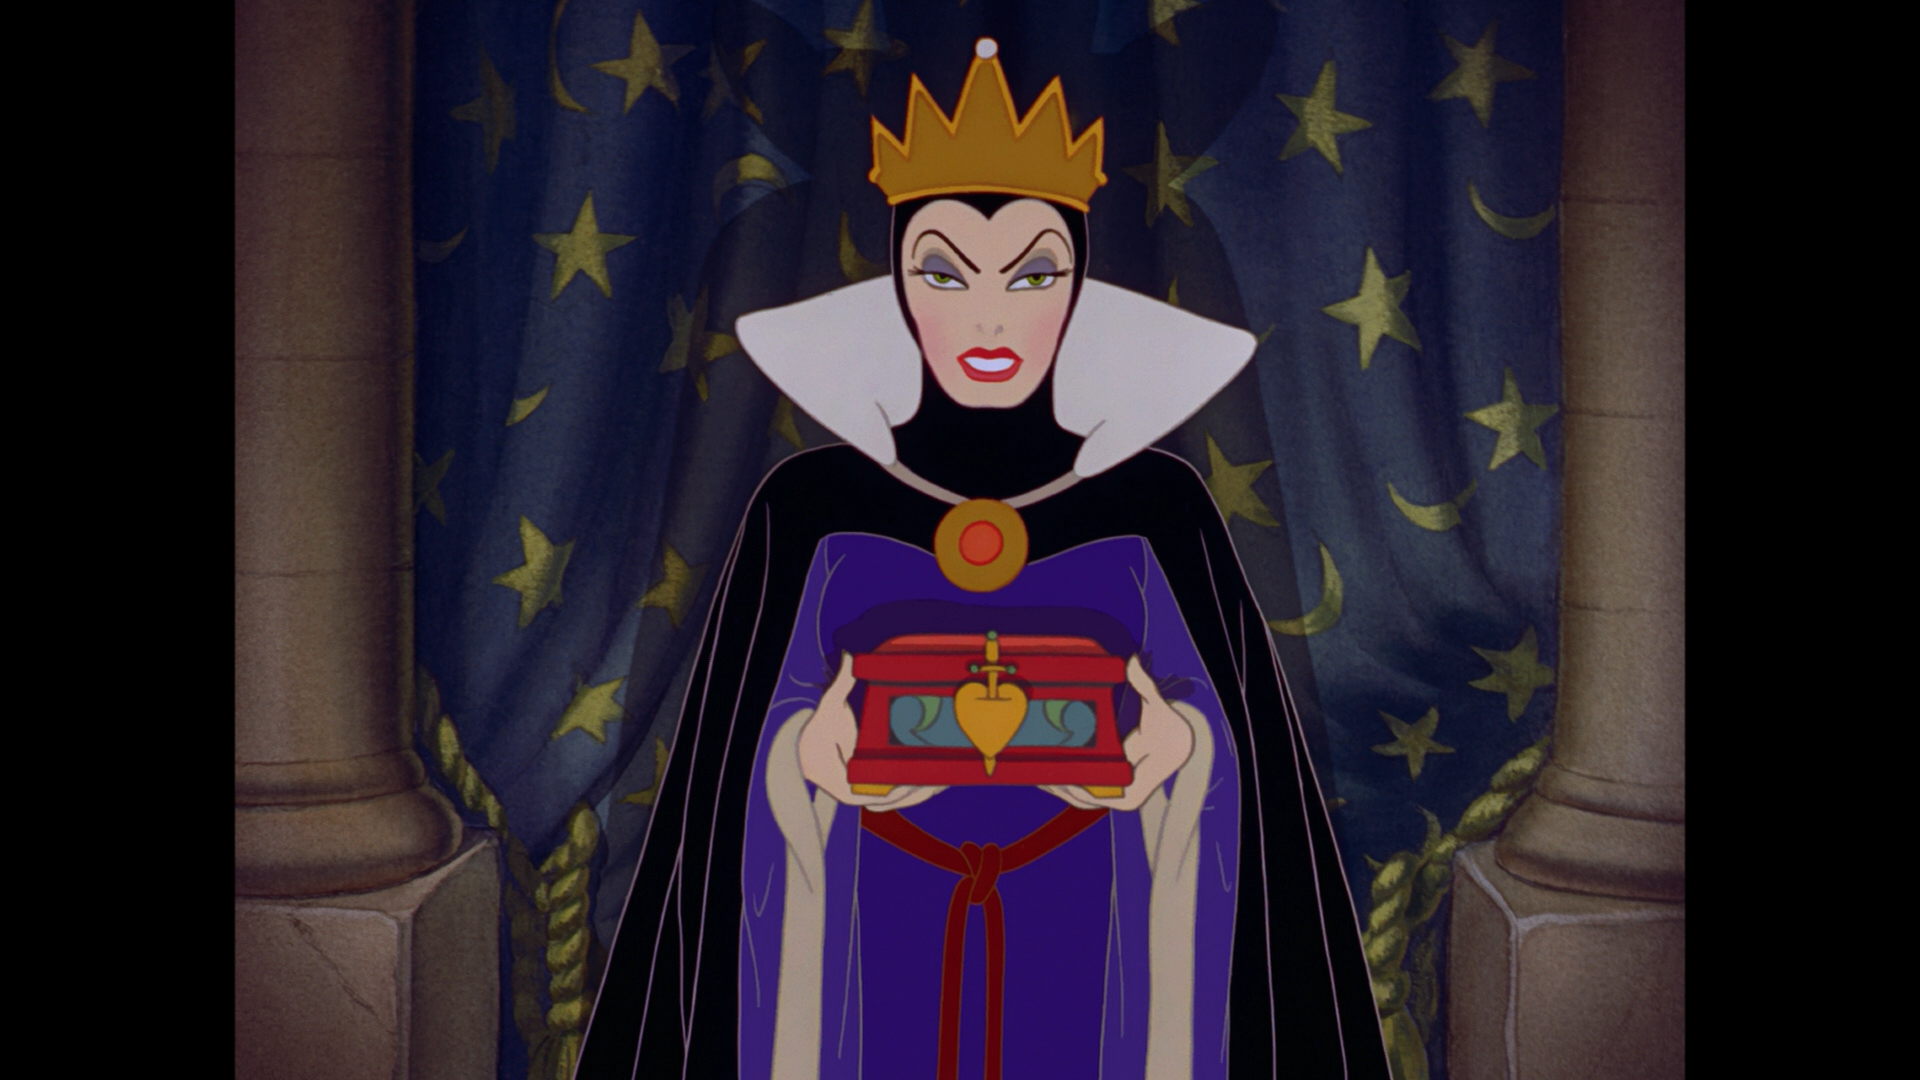 Disney noticias mexico abril 2013 - Evil queen disney ...